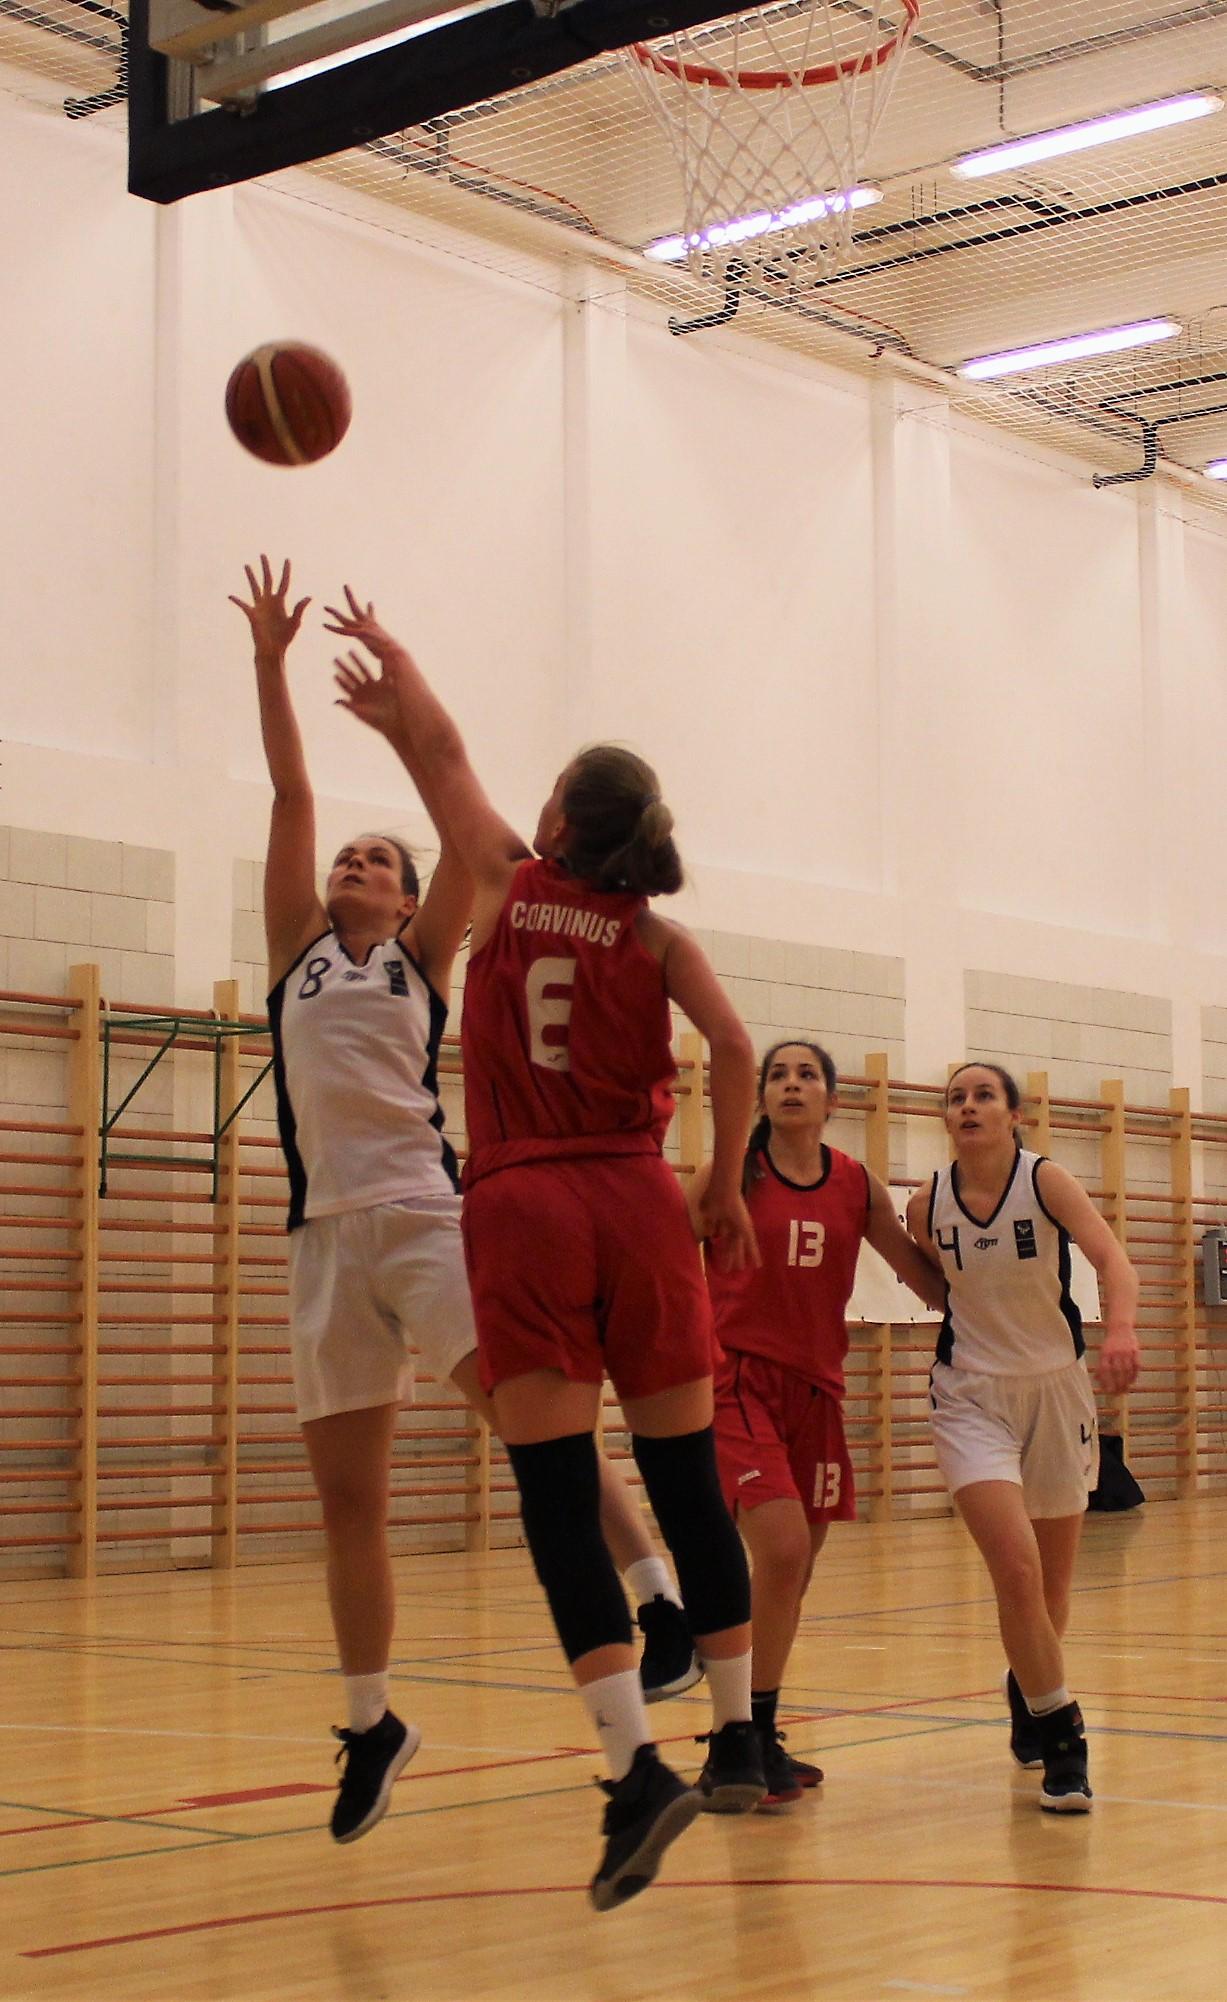 Női egyetemi bajnokság: ELTE-diadal Debrecenben, újabb bravúr a BME csapatától